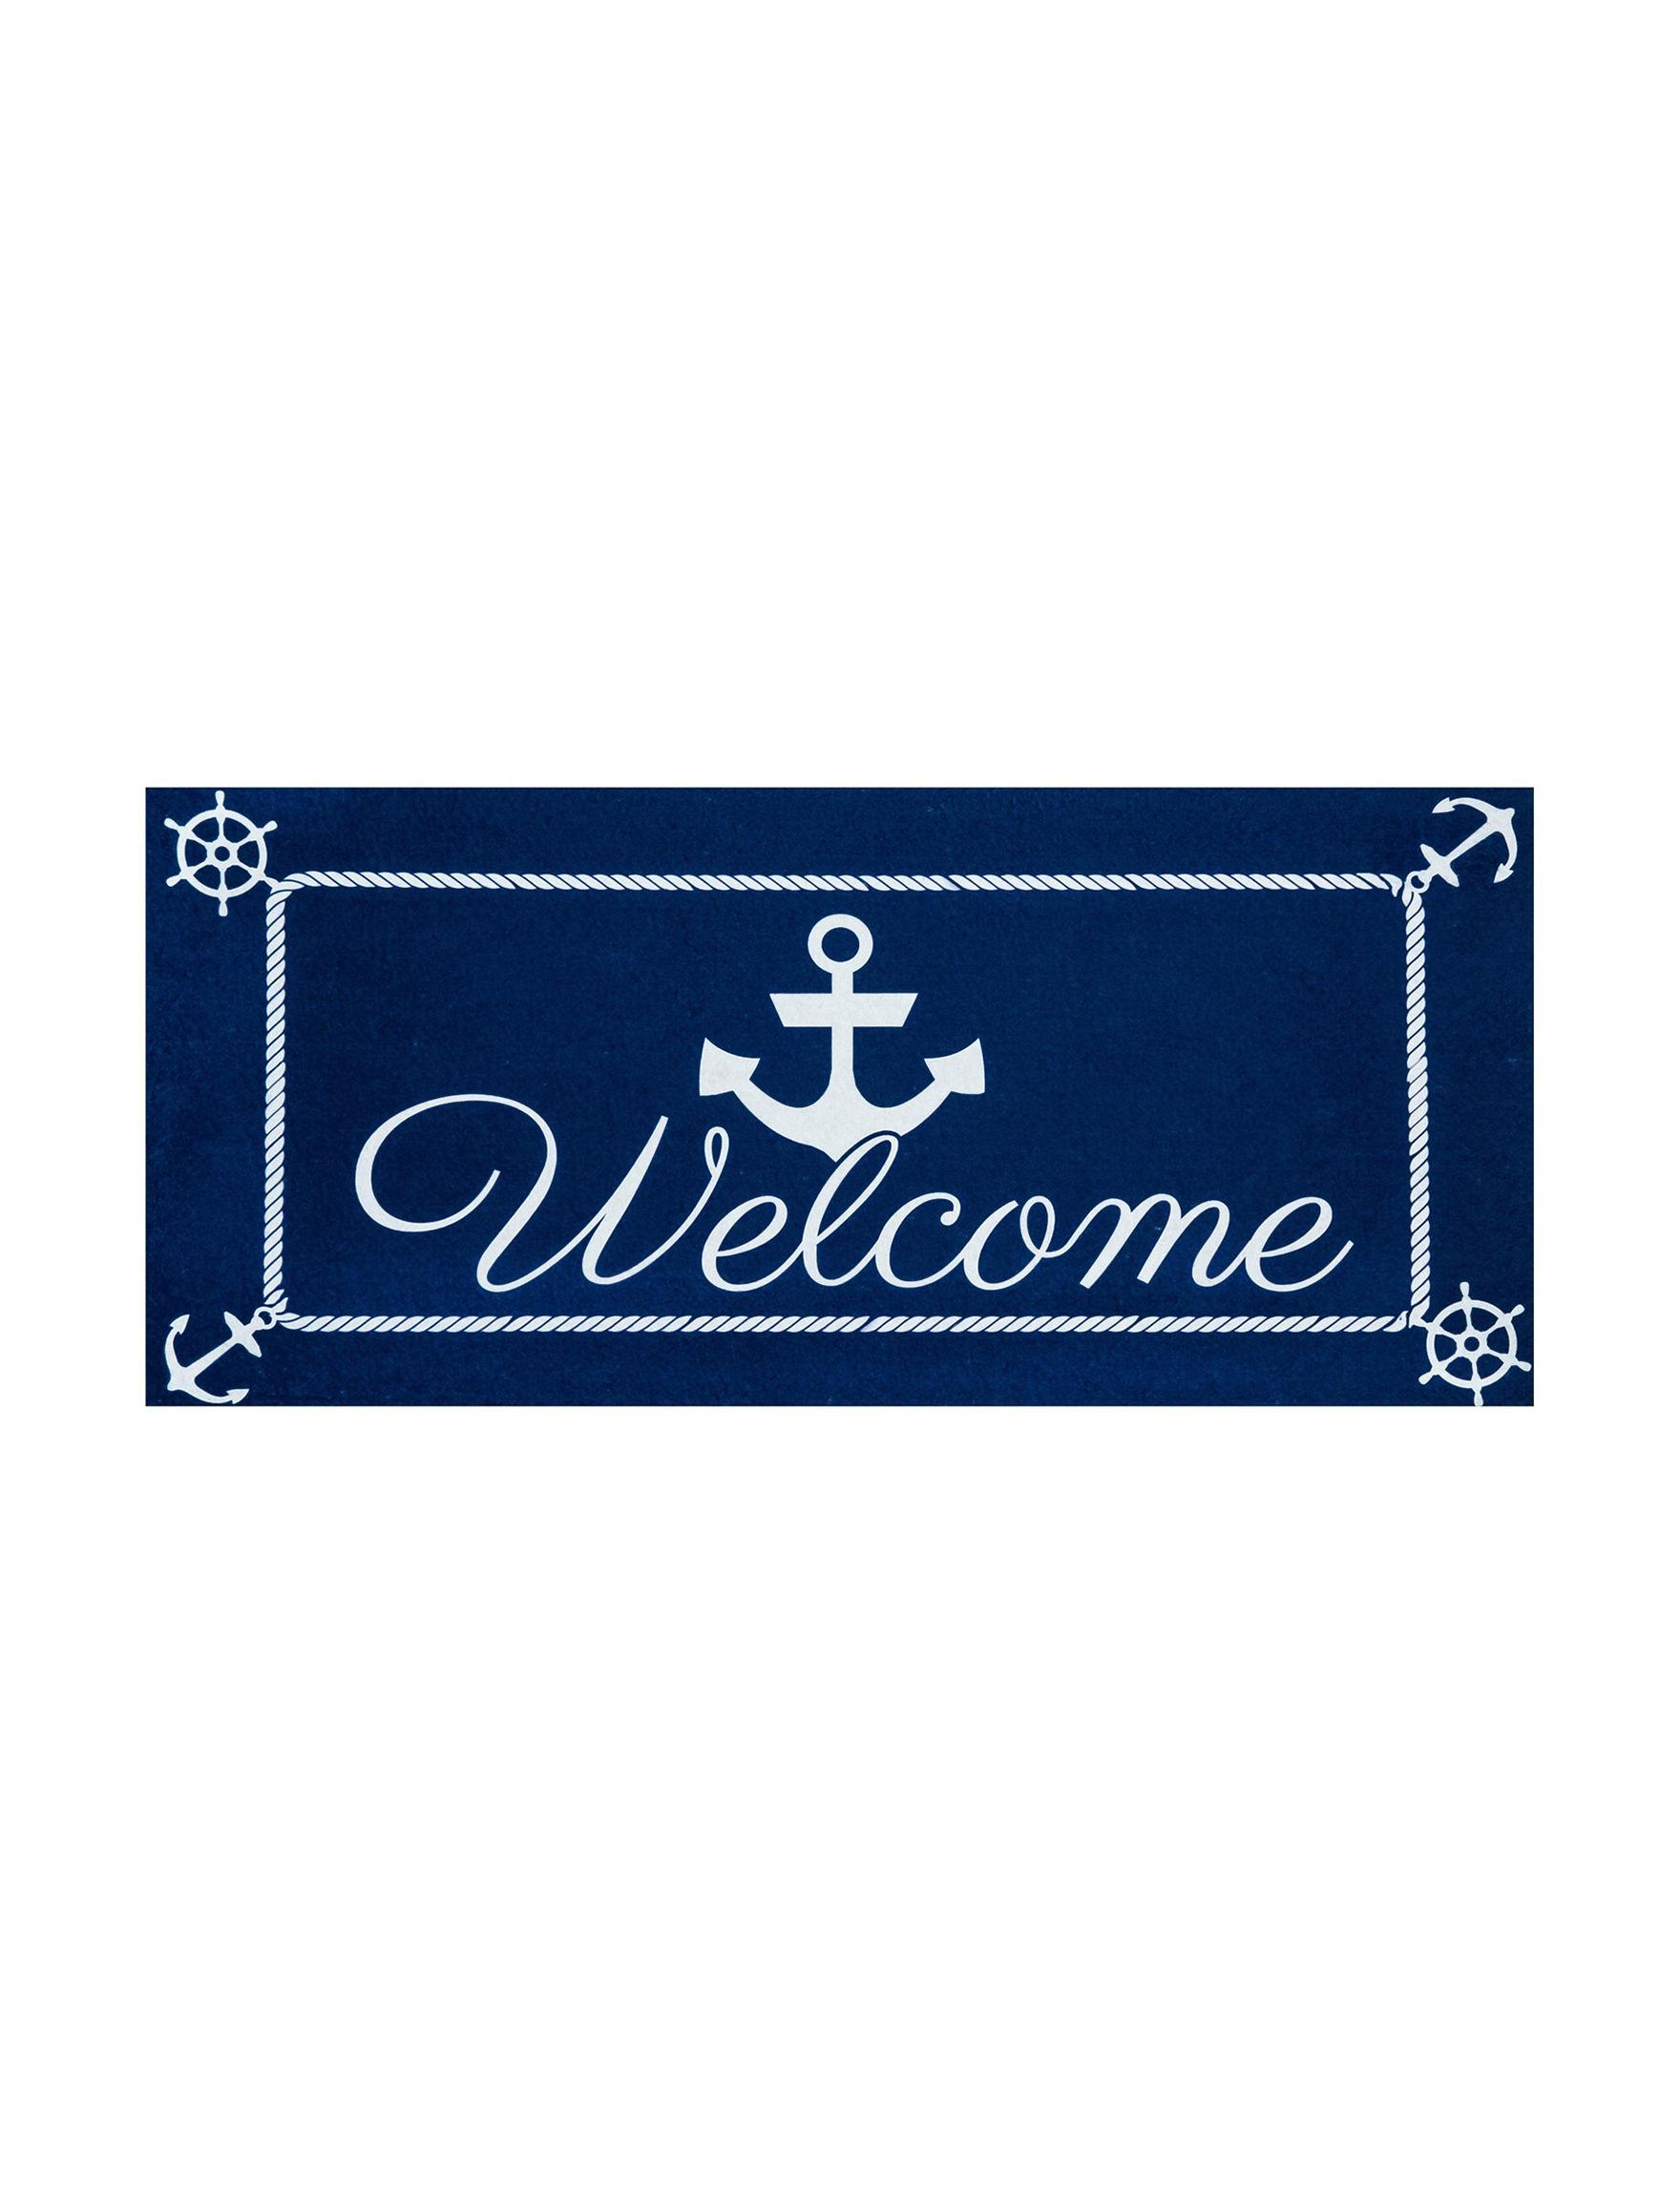 Evergreen Navy Outdoor Rugs & Doormats Outdoor Decor